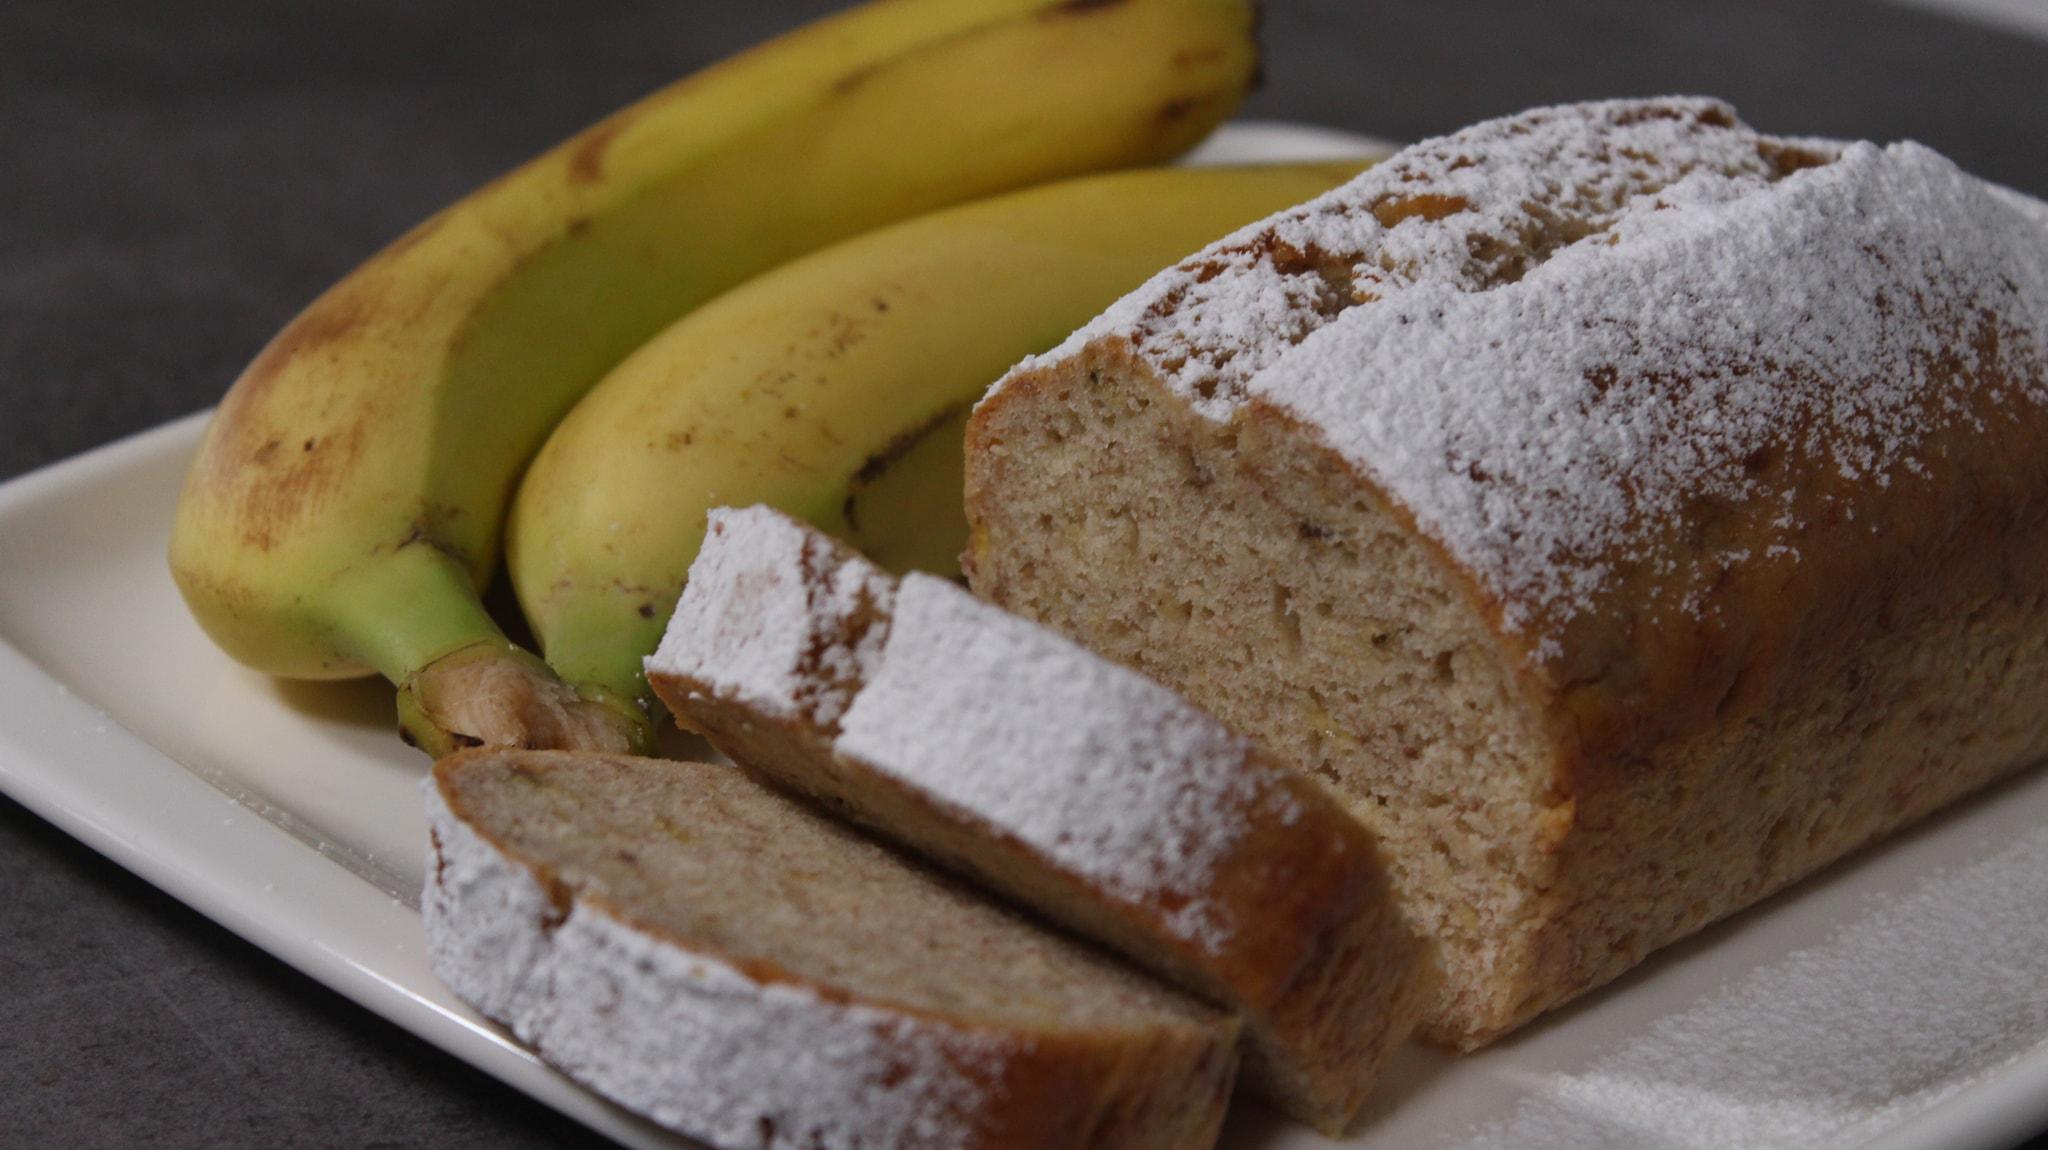 μπανανόψωμο